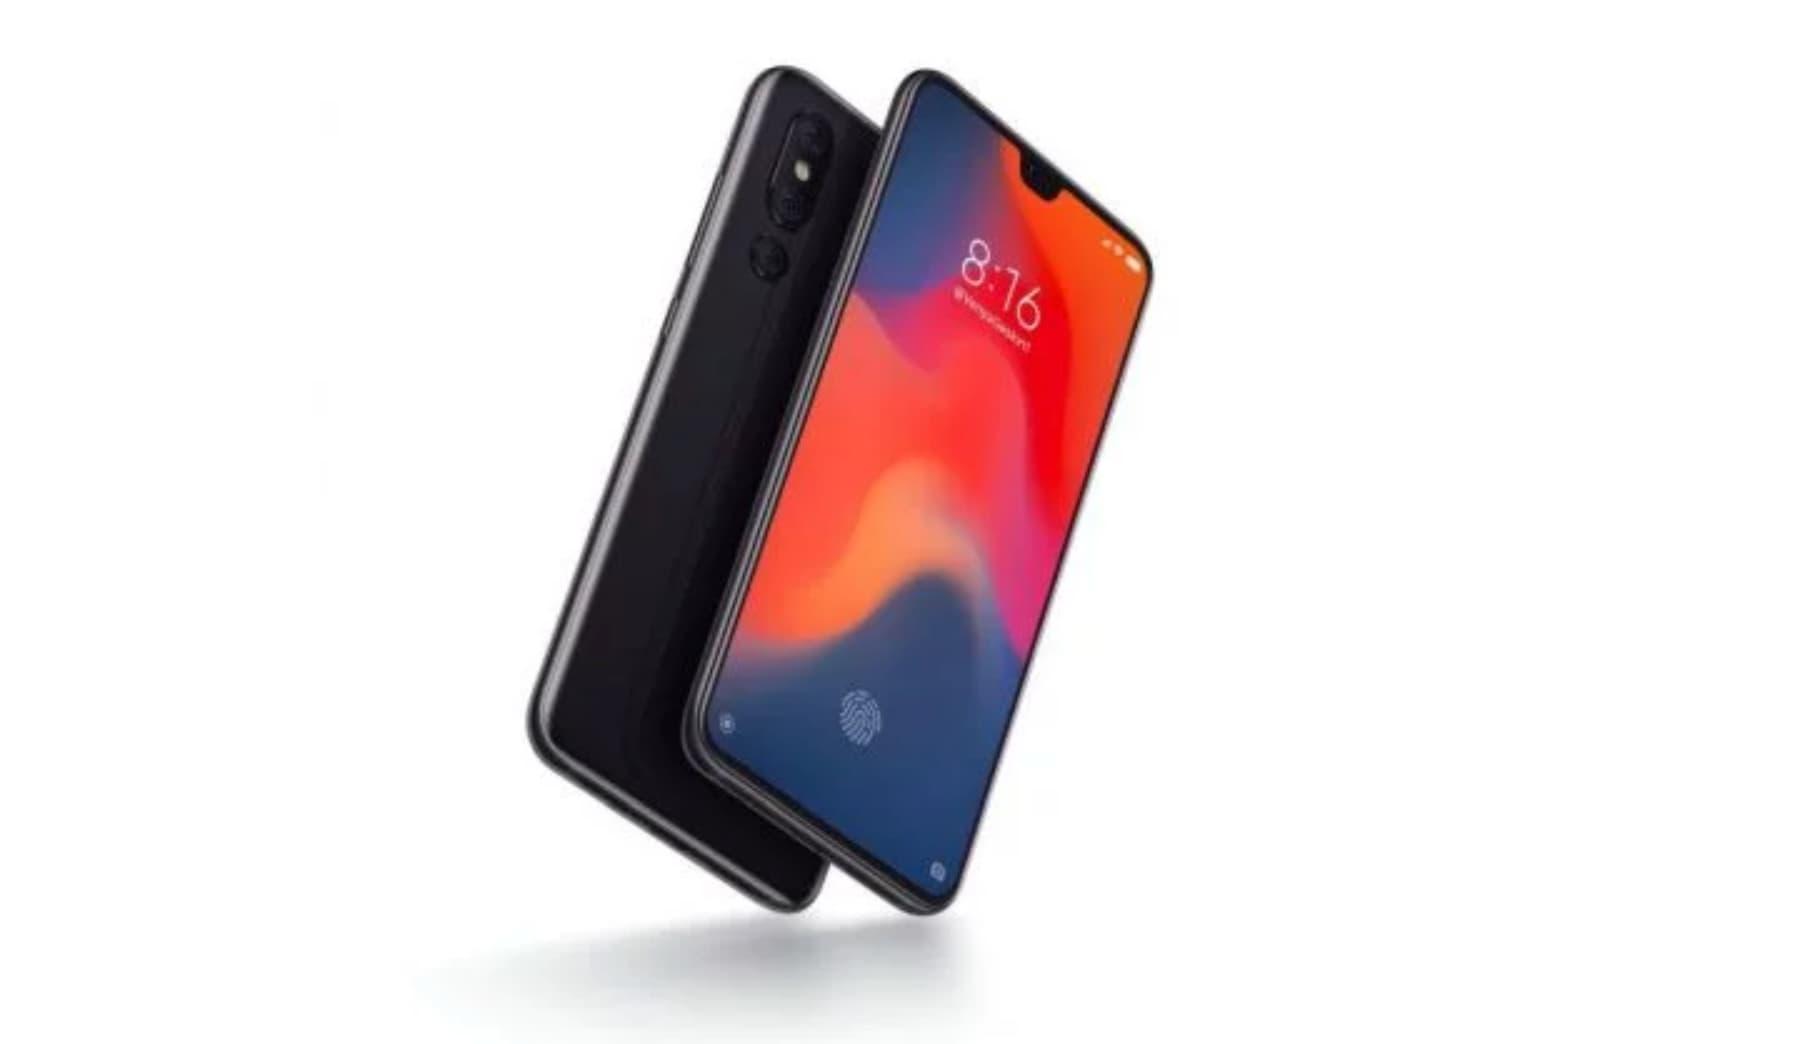 Xiaomi Mi 9 trará finalmente uma característica muito esperada